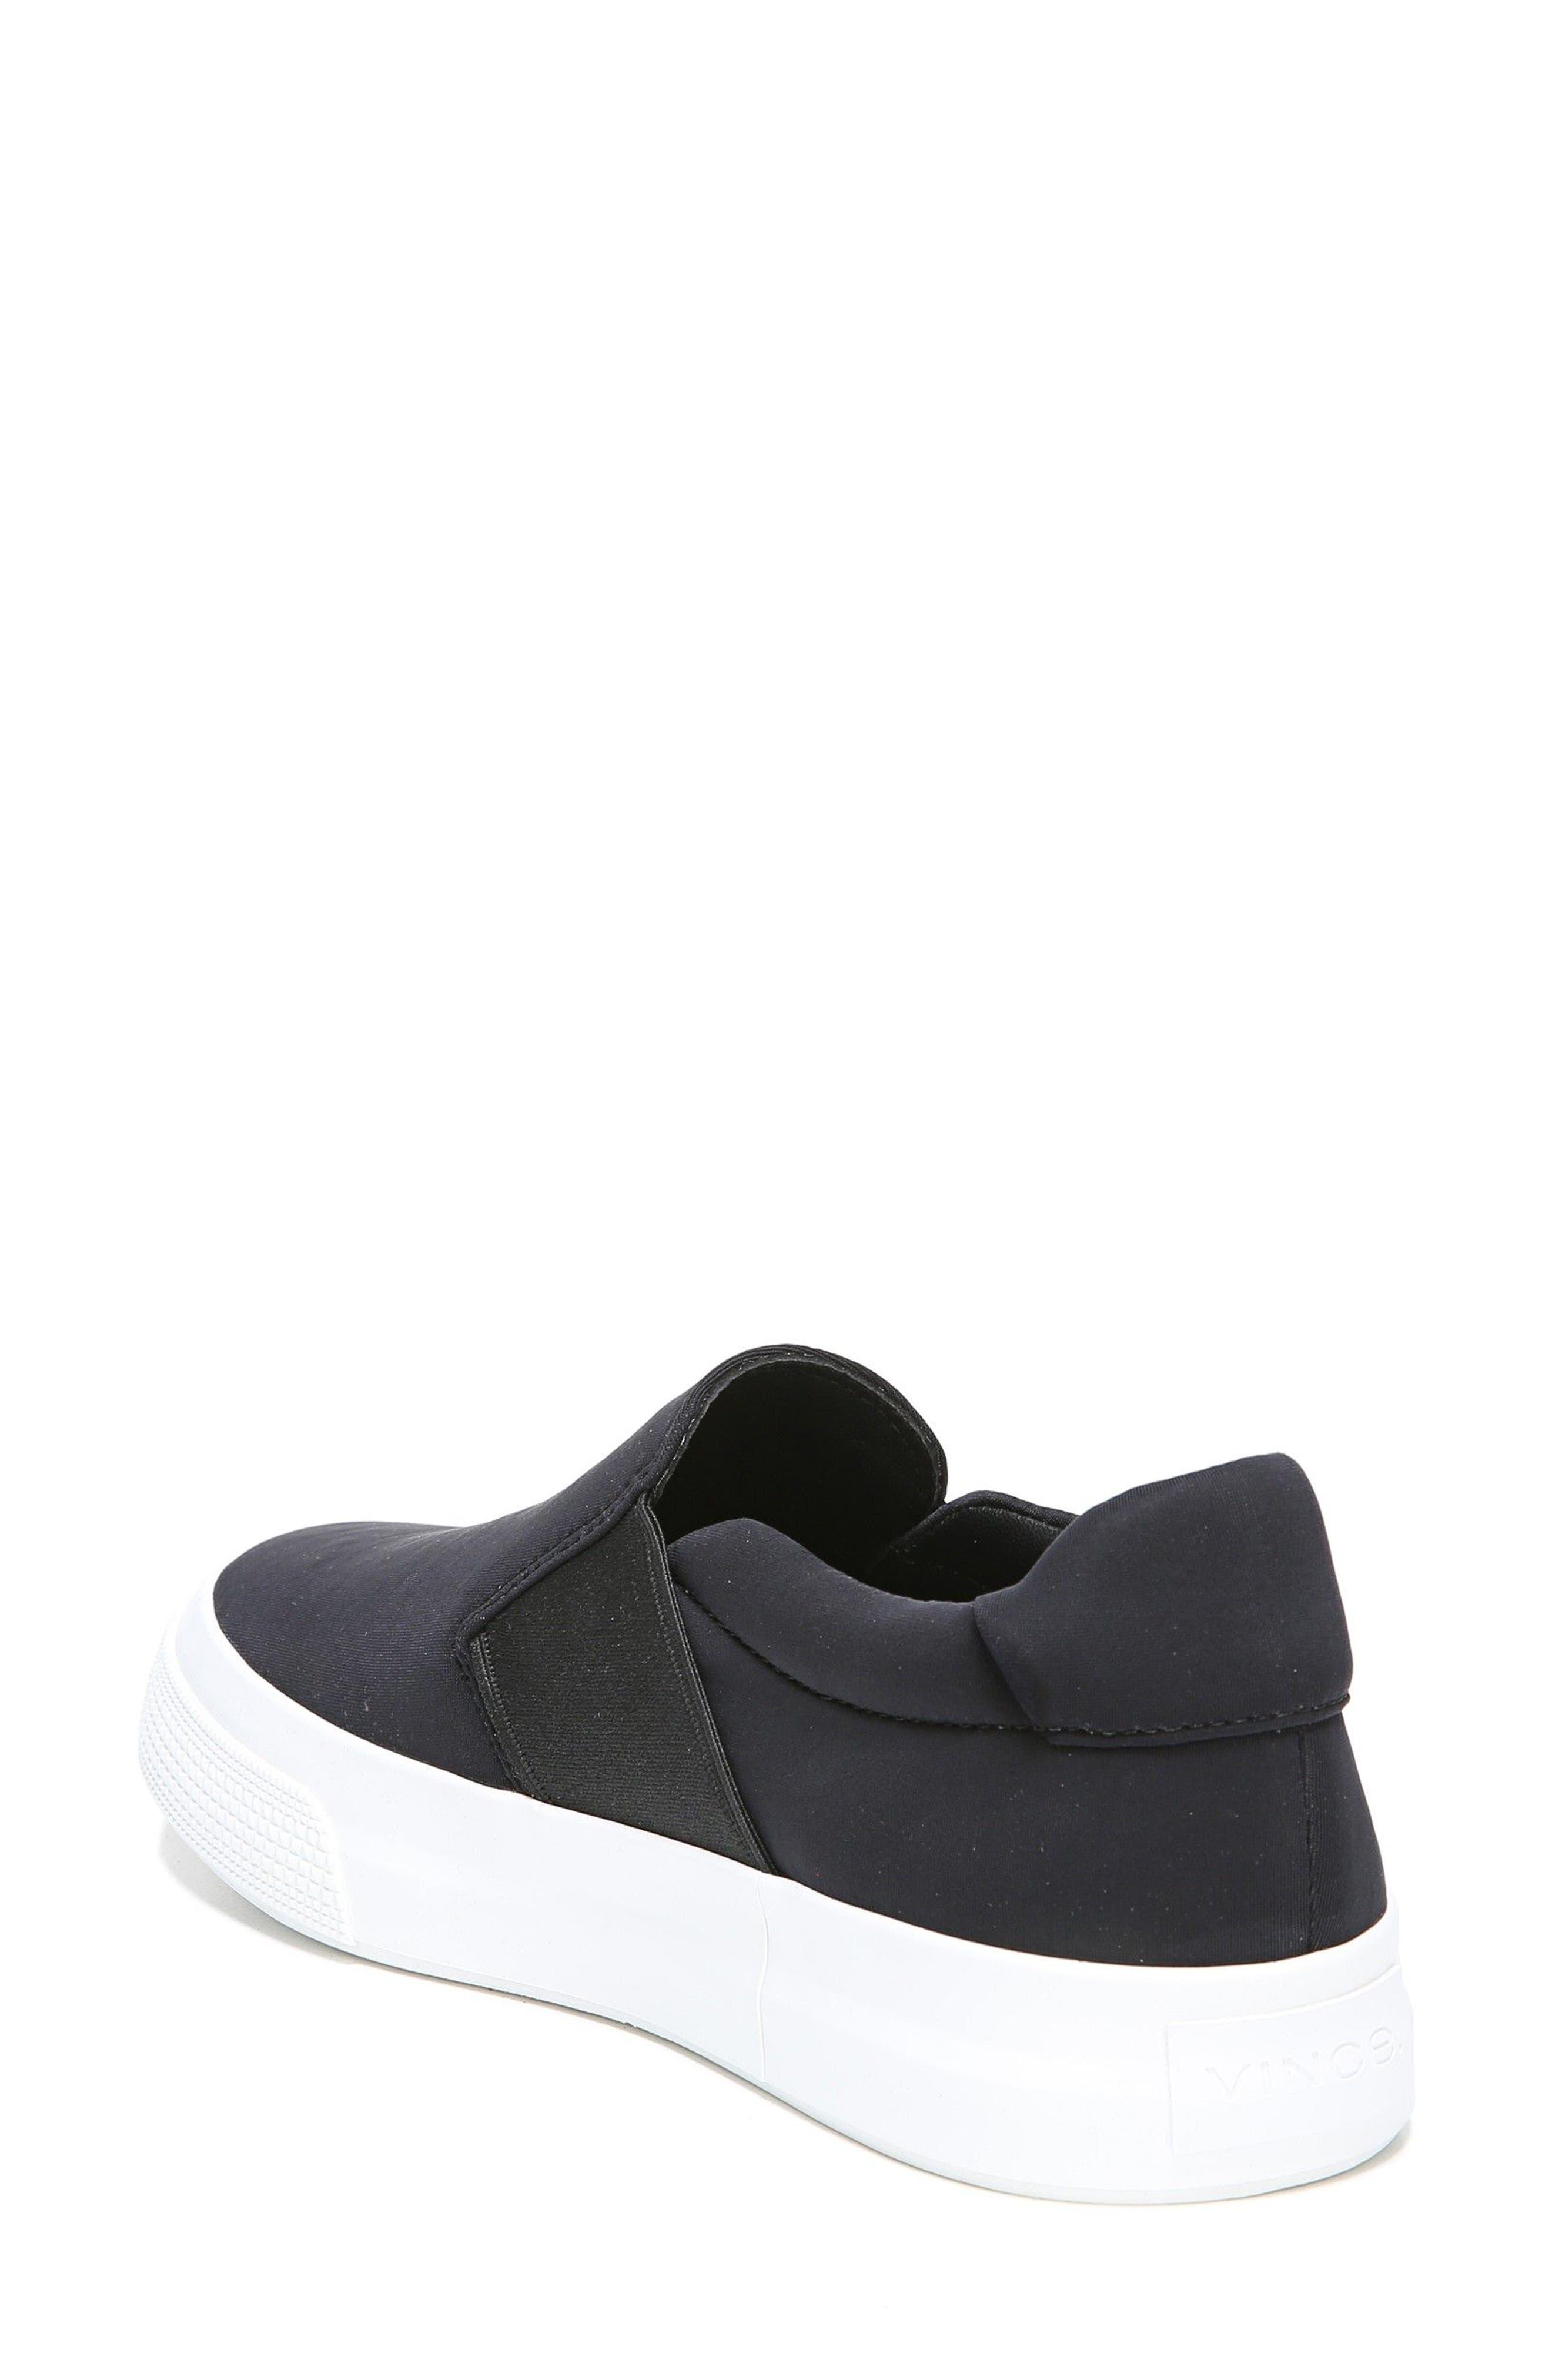 Torin Slip-On Sneaker,                             Alternate thumbnail 2, color,                             Black